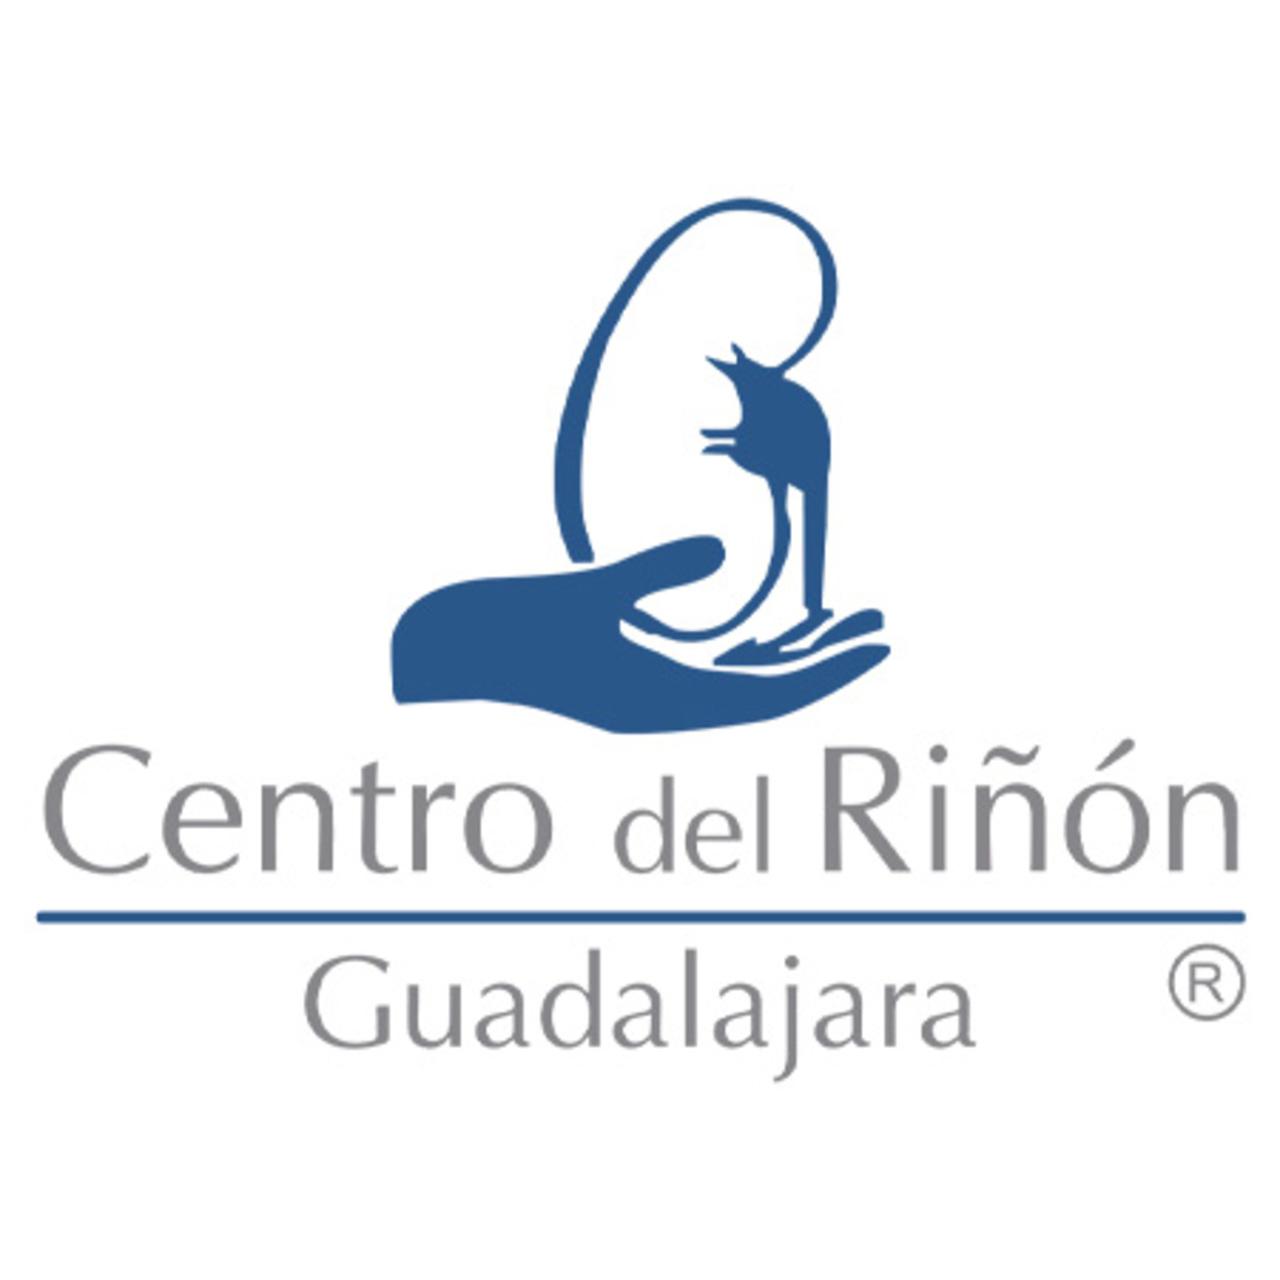 Centro del Riñón Guadajalara